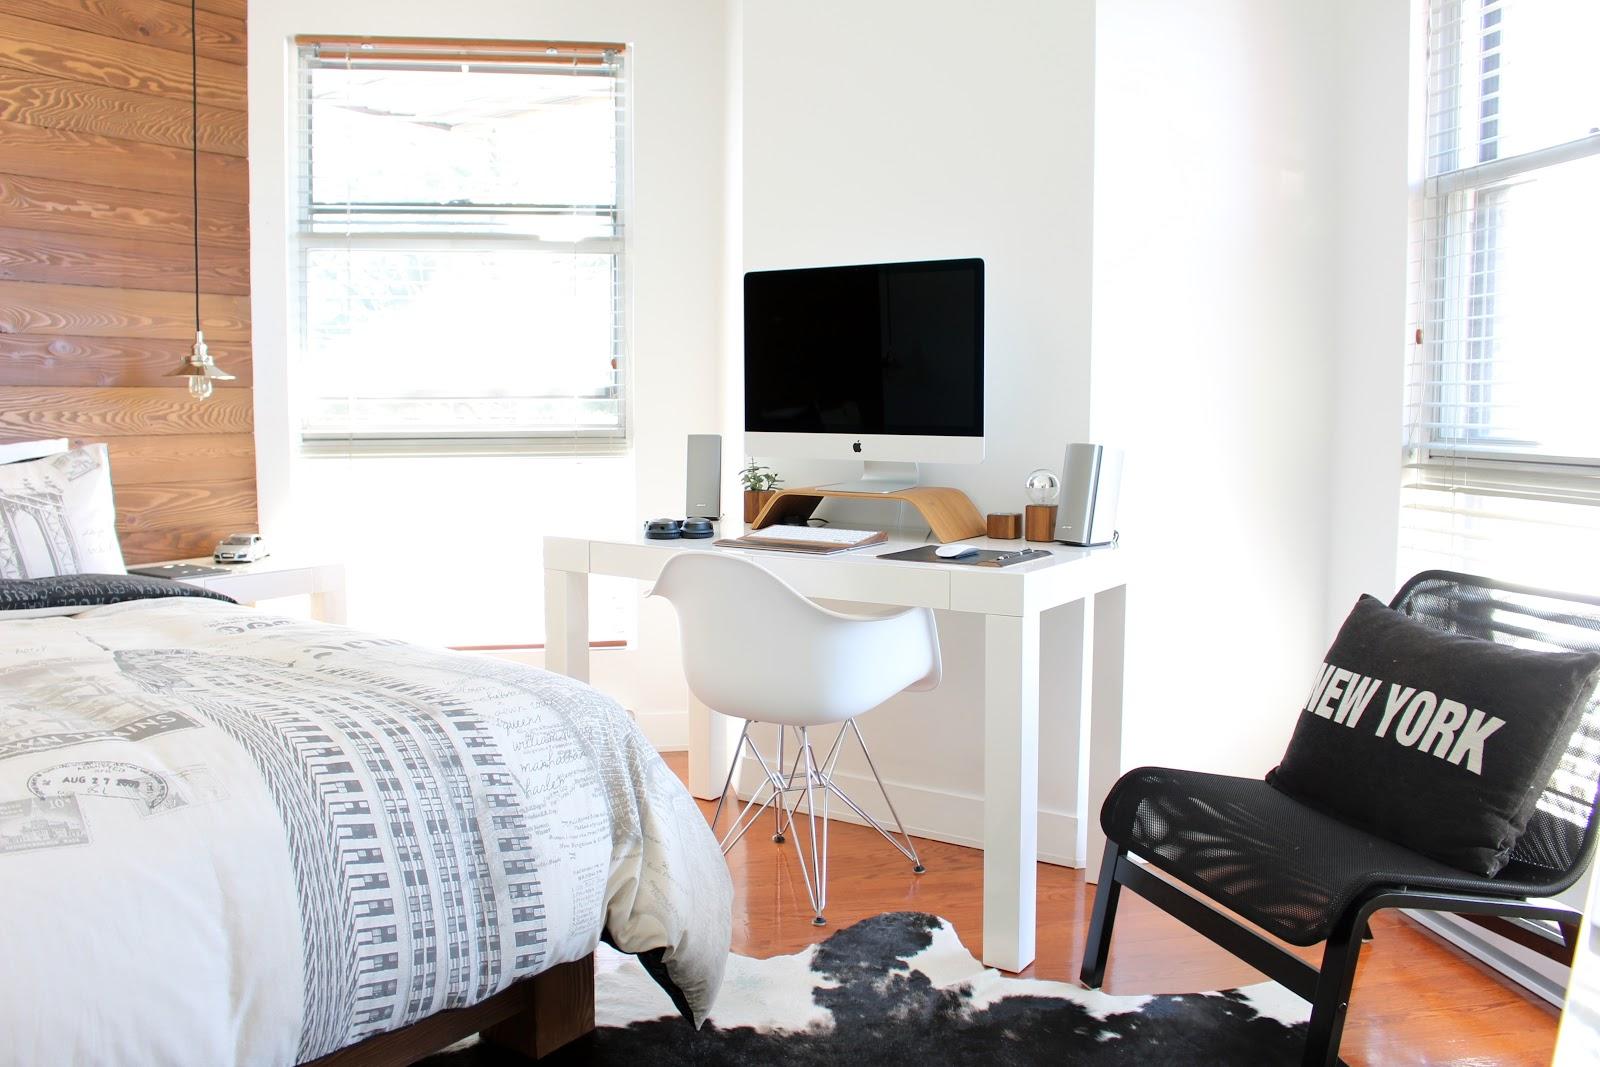 Desain minimalis cenderung lebih hemat dalam hal biaya desain - source: unsplash.com